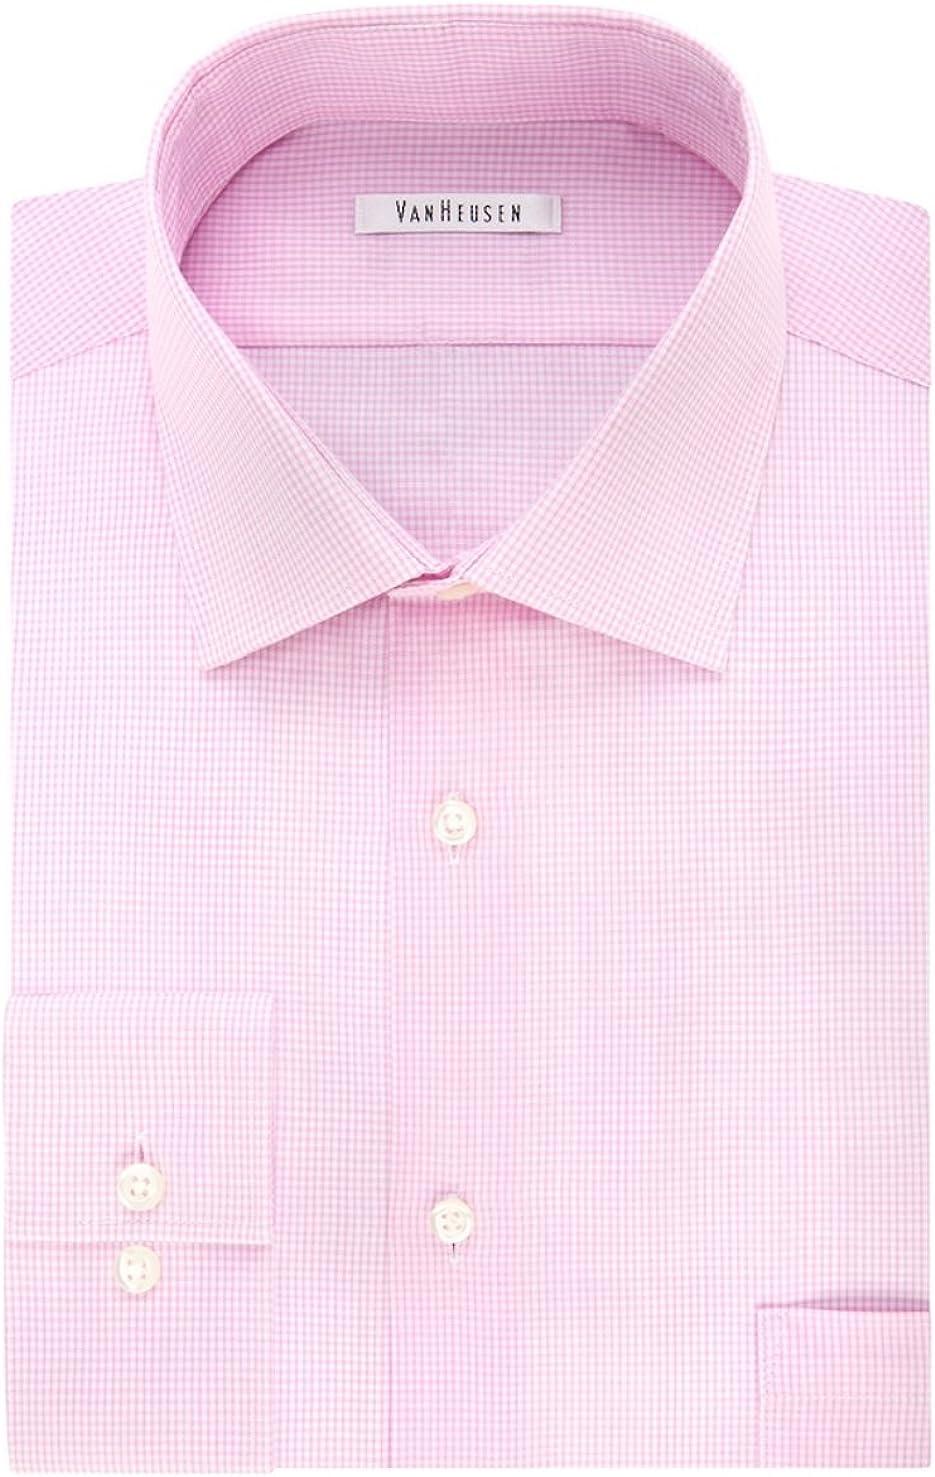 Van Heusen Men's Big & Tall Flex-Collar Dress Shirt